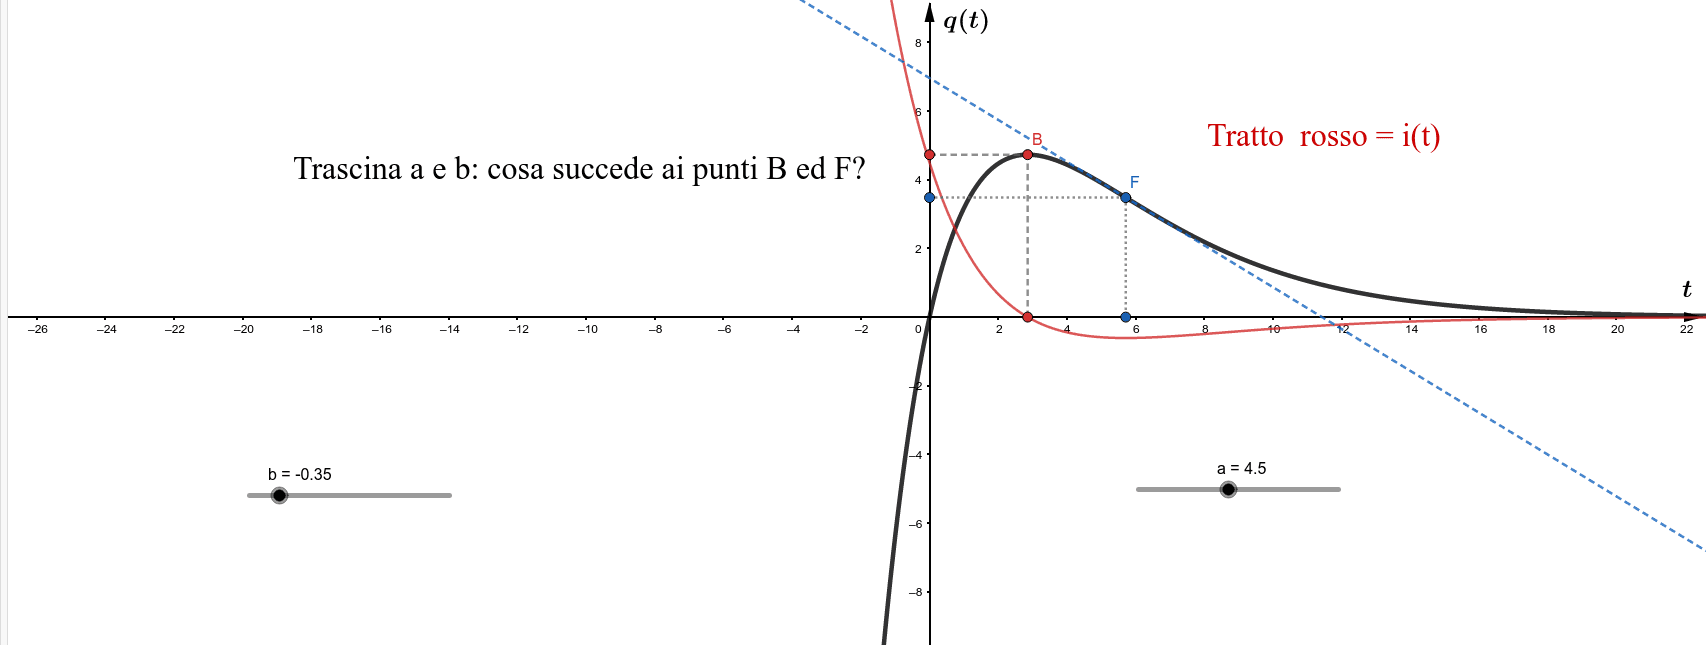 Interagisci con la funzione - Problema - 1 (V. sopra, soluzione ai problemi)   Premi Invio per avviare l'attività